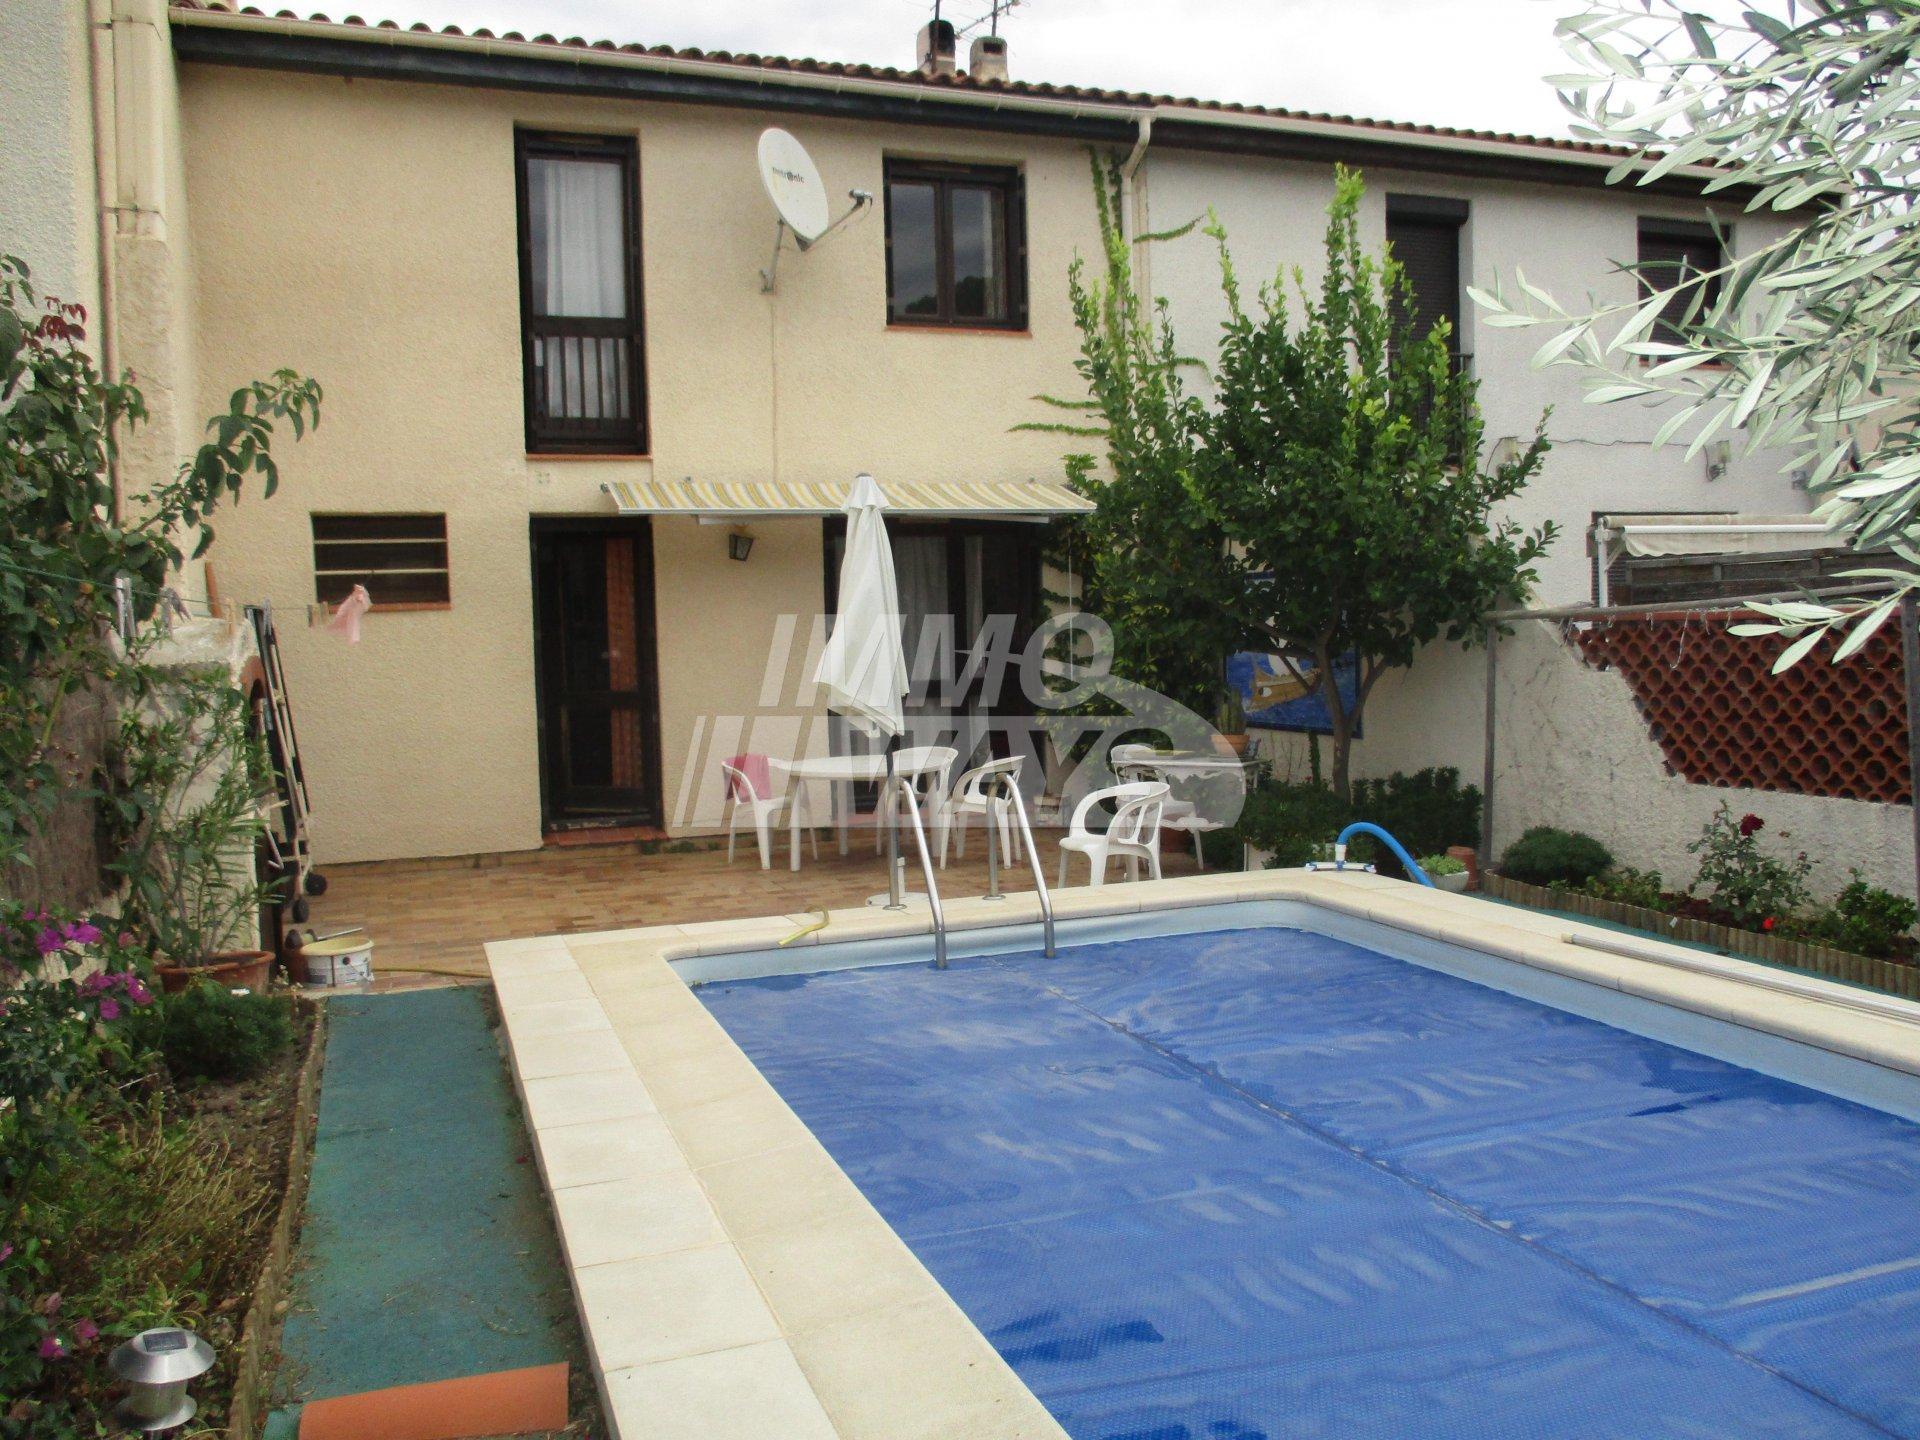 Vente Maison / Villa Saint-Estève - 4 pièces - 95 m²